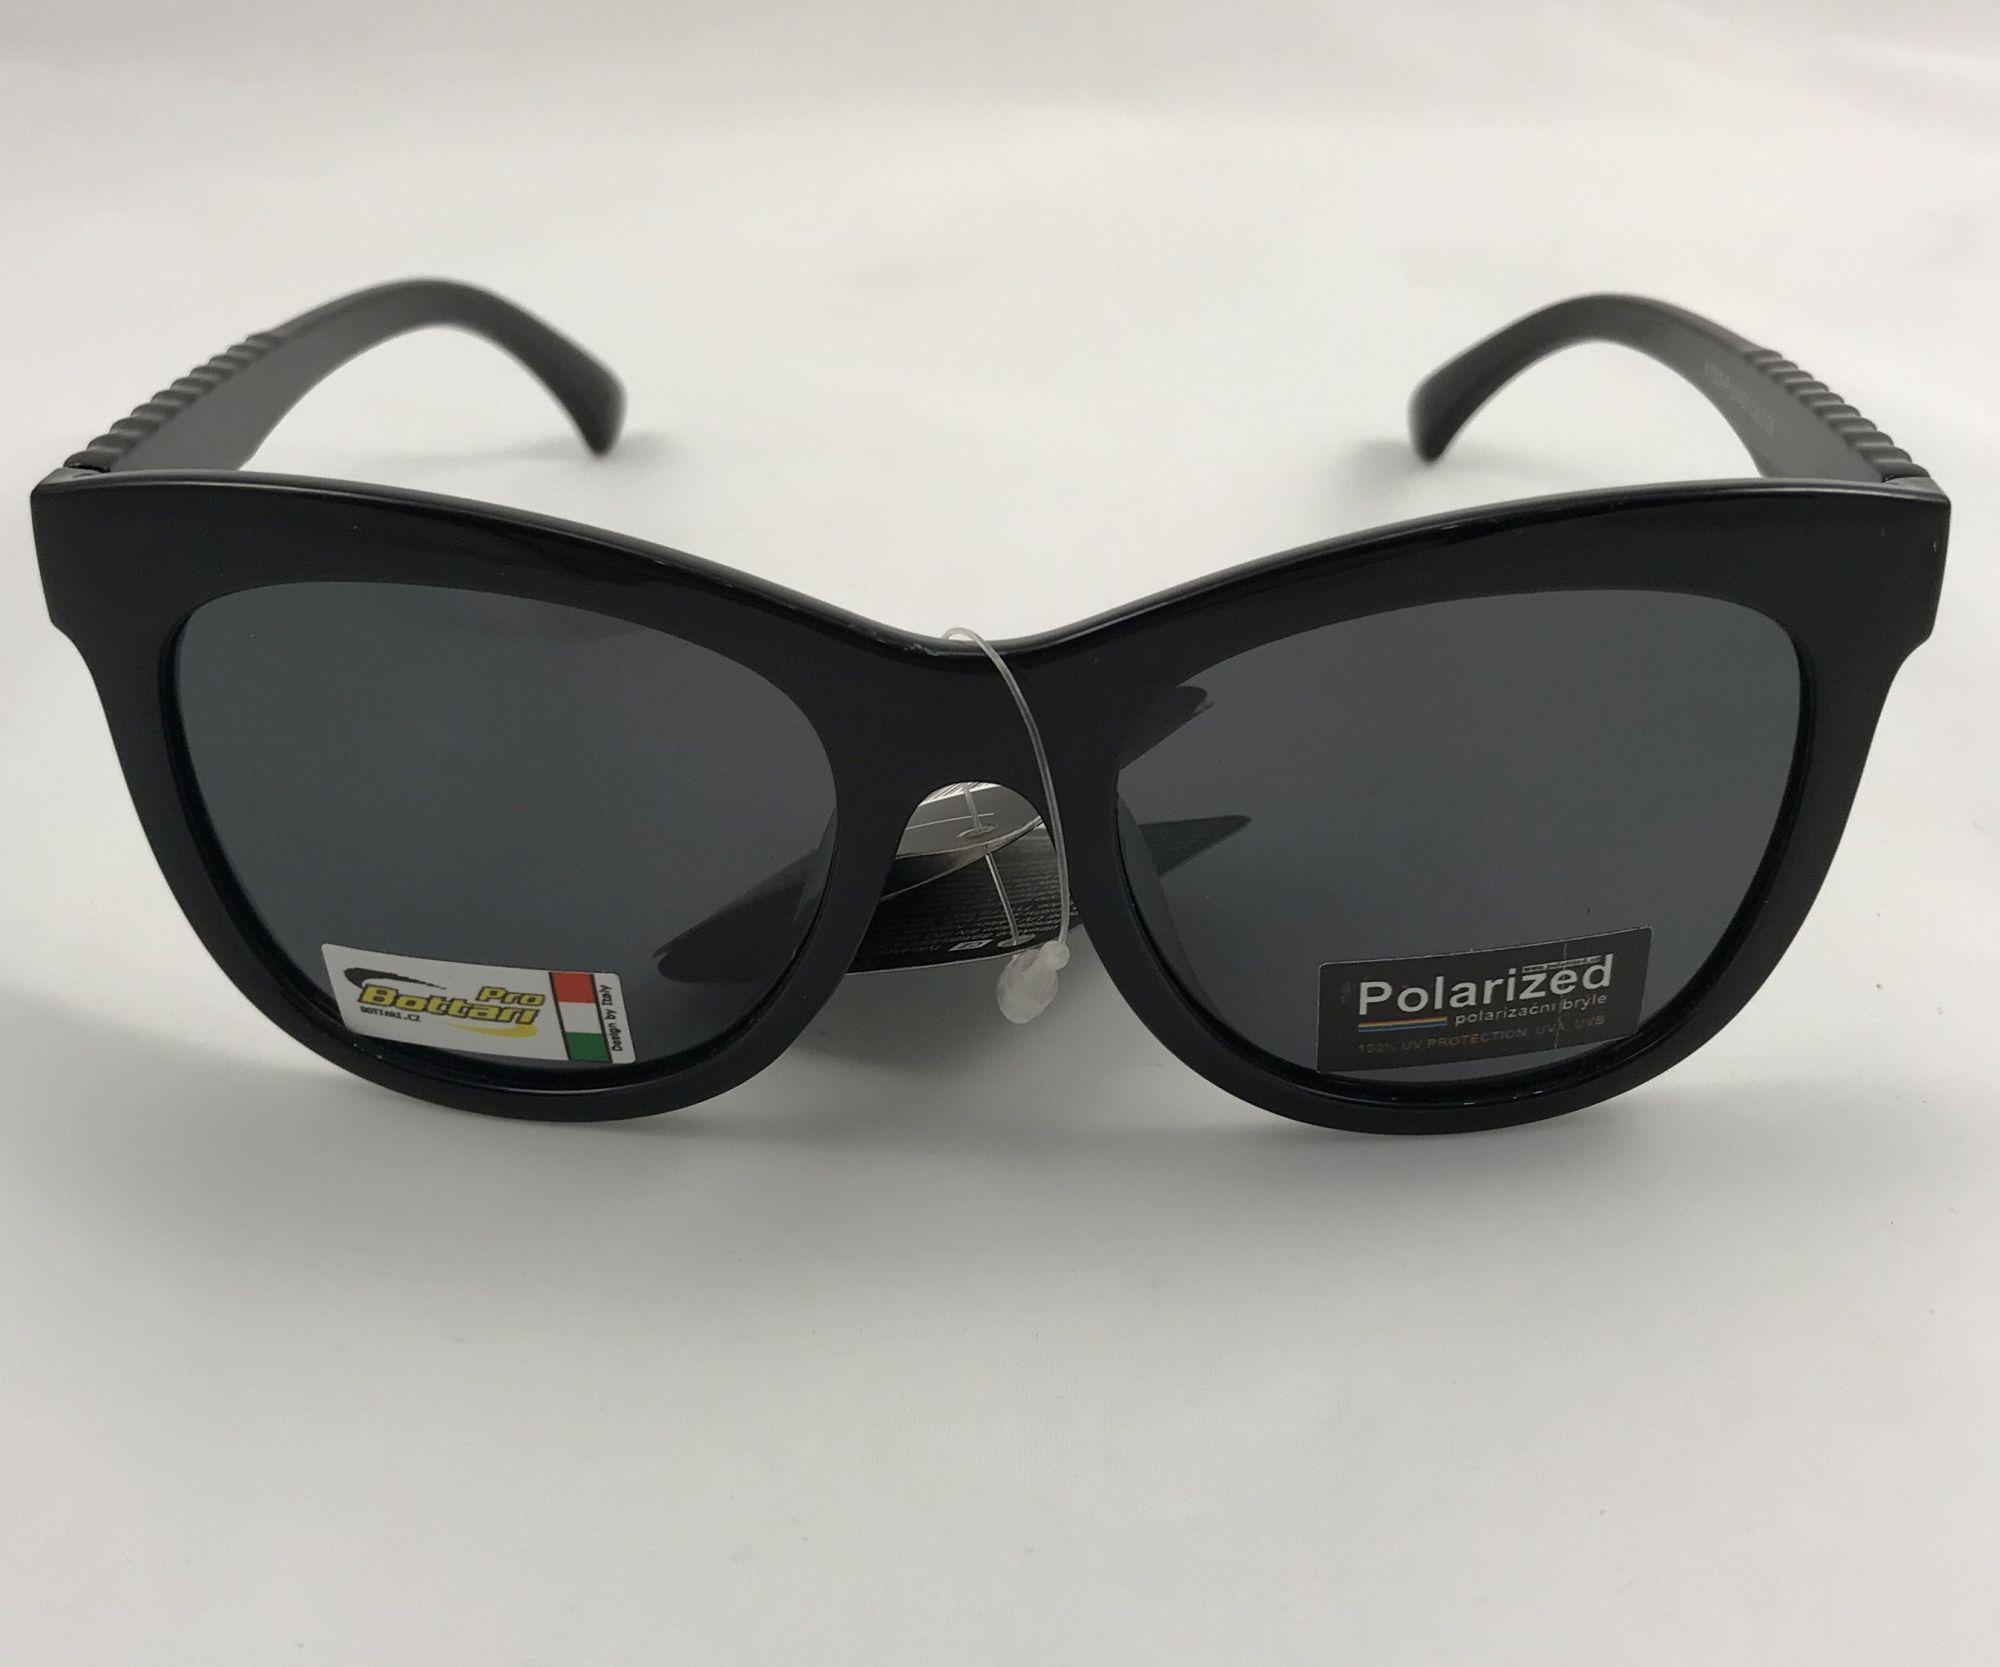 Polarized Brýle polarizační plastové černé lesklé K7308-Pč